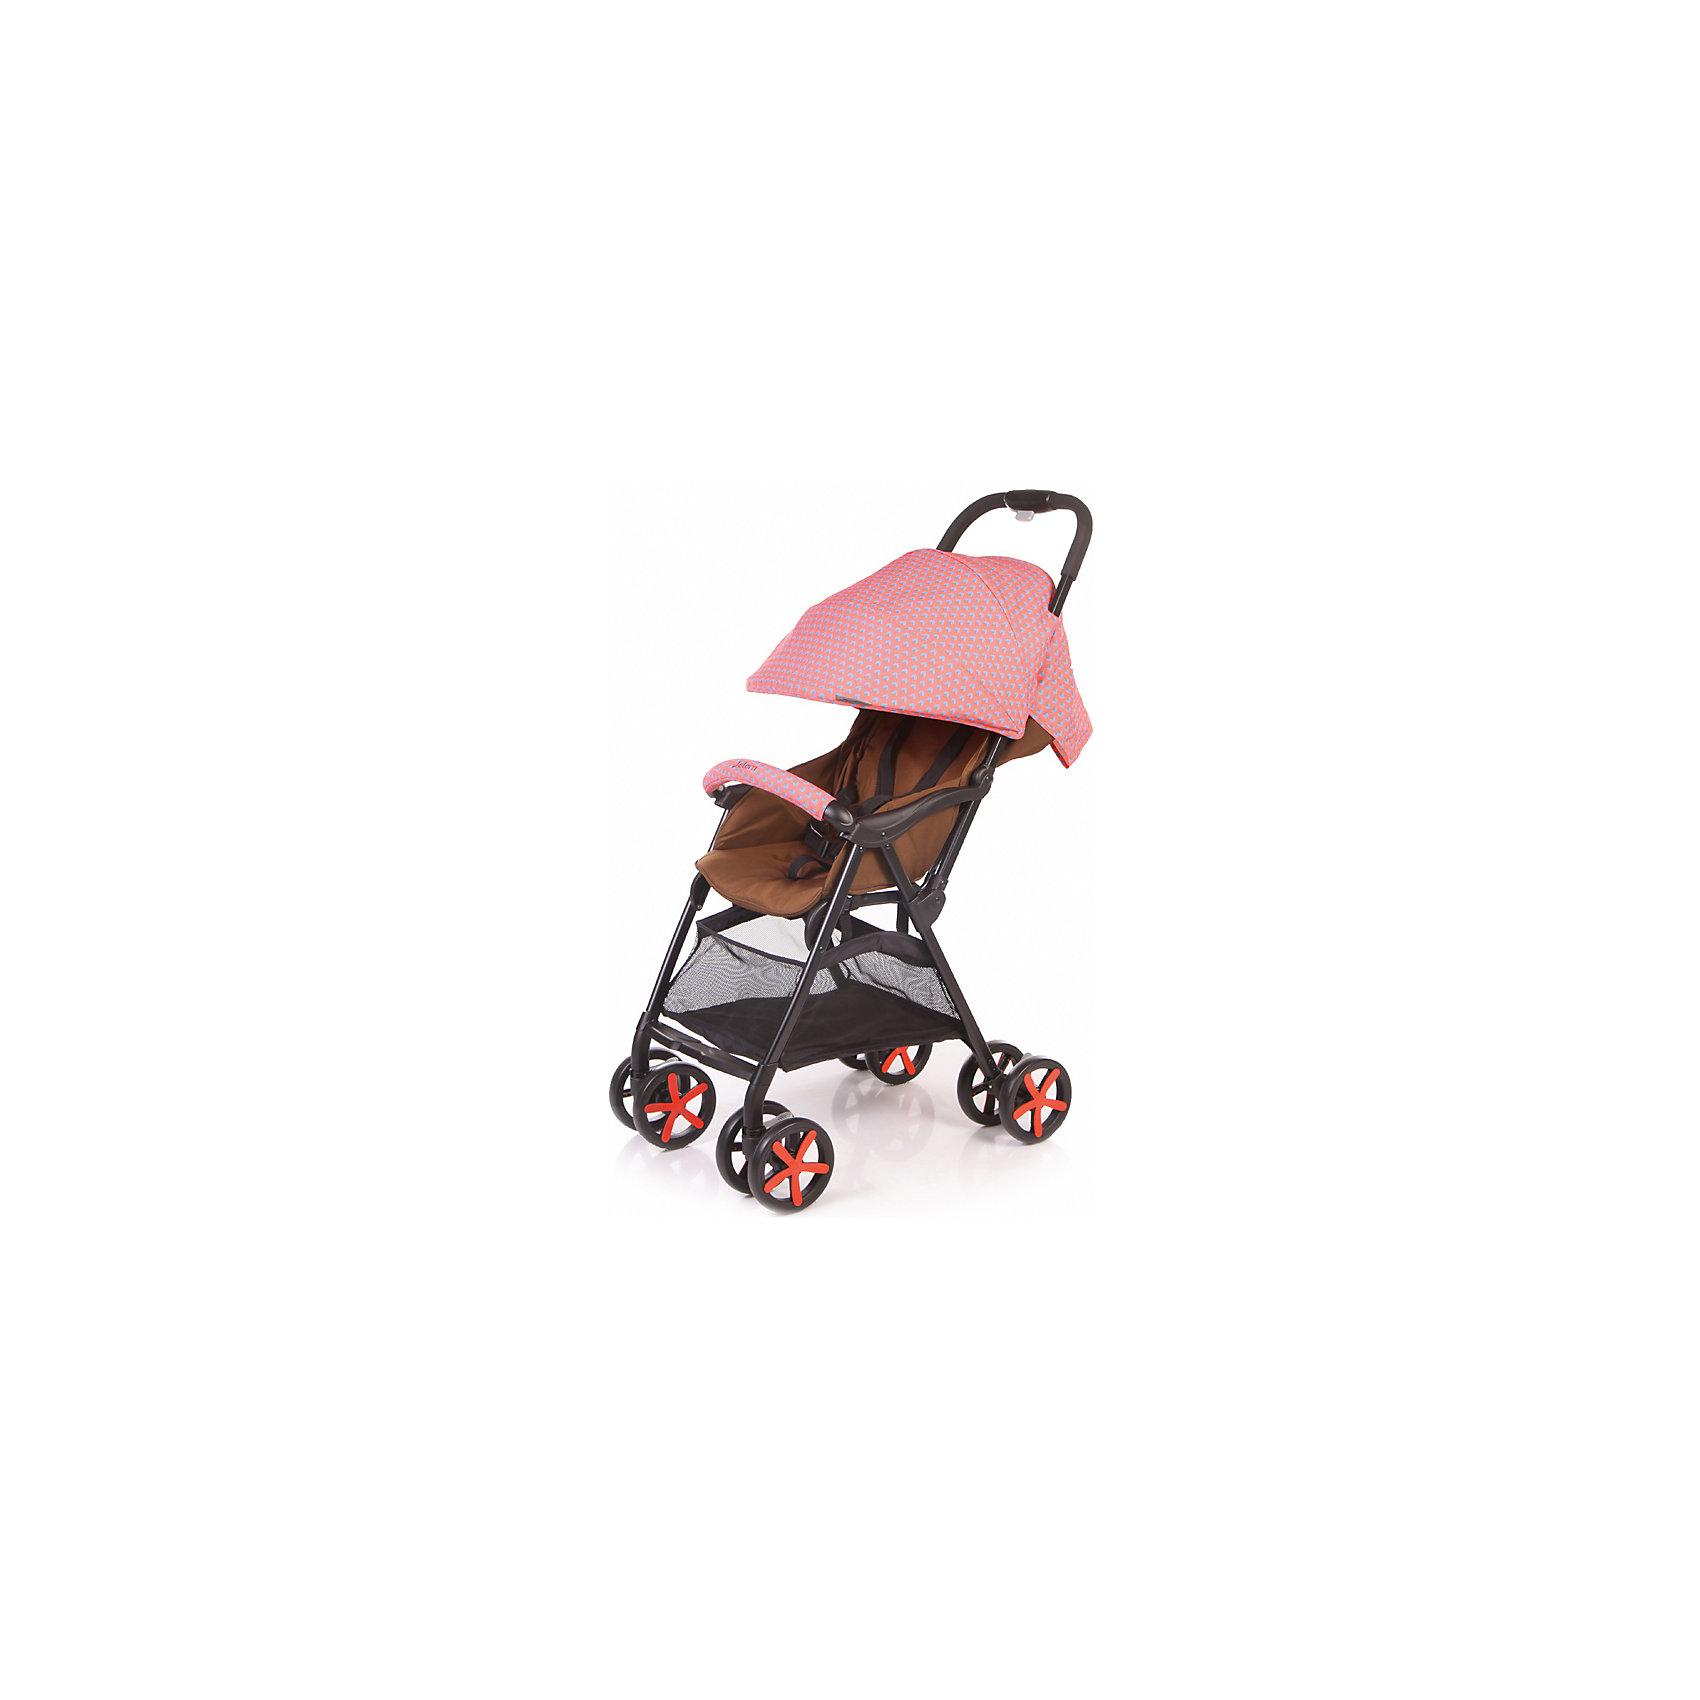 Прогулочная коляска Carbon, Jetem, красныйОсобенности:<br><br>легкая алюминиевая рама,<br>плавающие передние колеса,<br>5-ти точеные ремни безопасности,<br>съемный бампер с мягкой обивкой,<br>очень компактное складывание,<br>спинка регулируется с помощью ремня,<br>ножная тормозная система,<br>может стоять в сложенном состоянии,<br>коляска легко складывается и раскладывается одной рукой,<br>амортизация передних колёс.<br><br>Дополнительная информация:<br><br>диаметр колес: передние – 11.5 см, задние — 11.5 см,<br>тип колес: двойные,<br>механизм складывания: книжка,<br>вес: 4.2 кг,<br>ширина сиденья: 33 см,<br>размер корзины: 35х33х19 см,<br>размер в разложенном виде: 42.5х77х102 см,<br>размер в сложенном виде: 42.5х26.5х90.5 см.<br><br>Прогулочную коляску Carbon, Jetem, красный можно купить в нашем магазине.<br><br>Ширина мм: 910<br>Глубина мм: 430<br>Высота мм: 270<br>Вес г: 6000<br>Цвет: красный<br>Возраст от месяцев: 6<br>Возраст до месяцев: 36<br>Пол: Унисекс<br>Возраст: Детский<br>SKU: 4679105